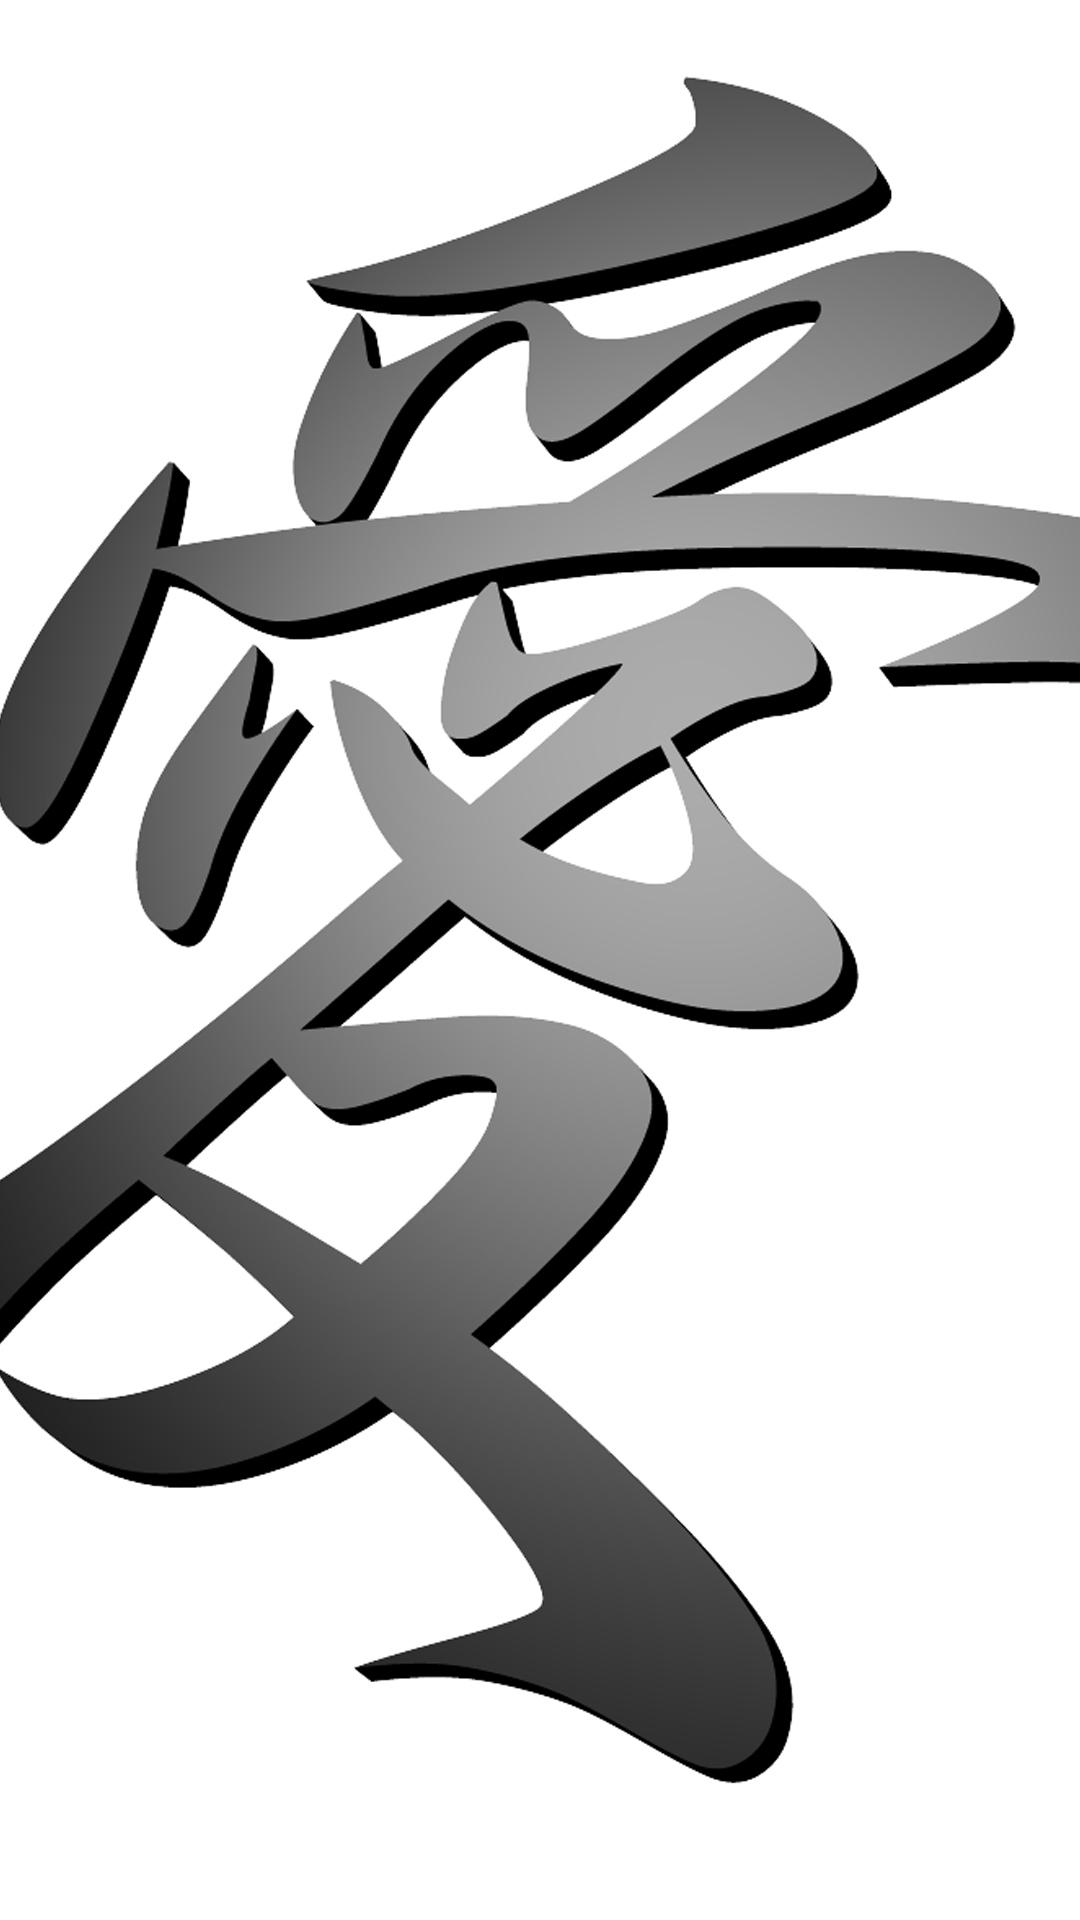 漢字 愛 Pc スマートフォンの壁紙 スマートマイズ